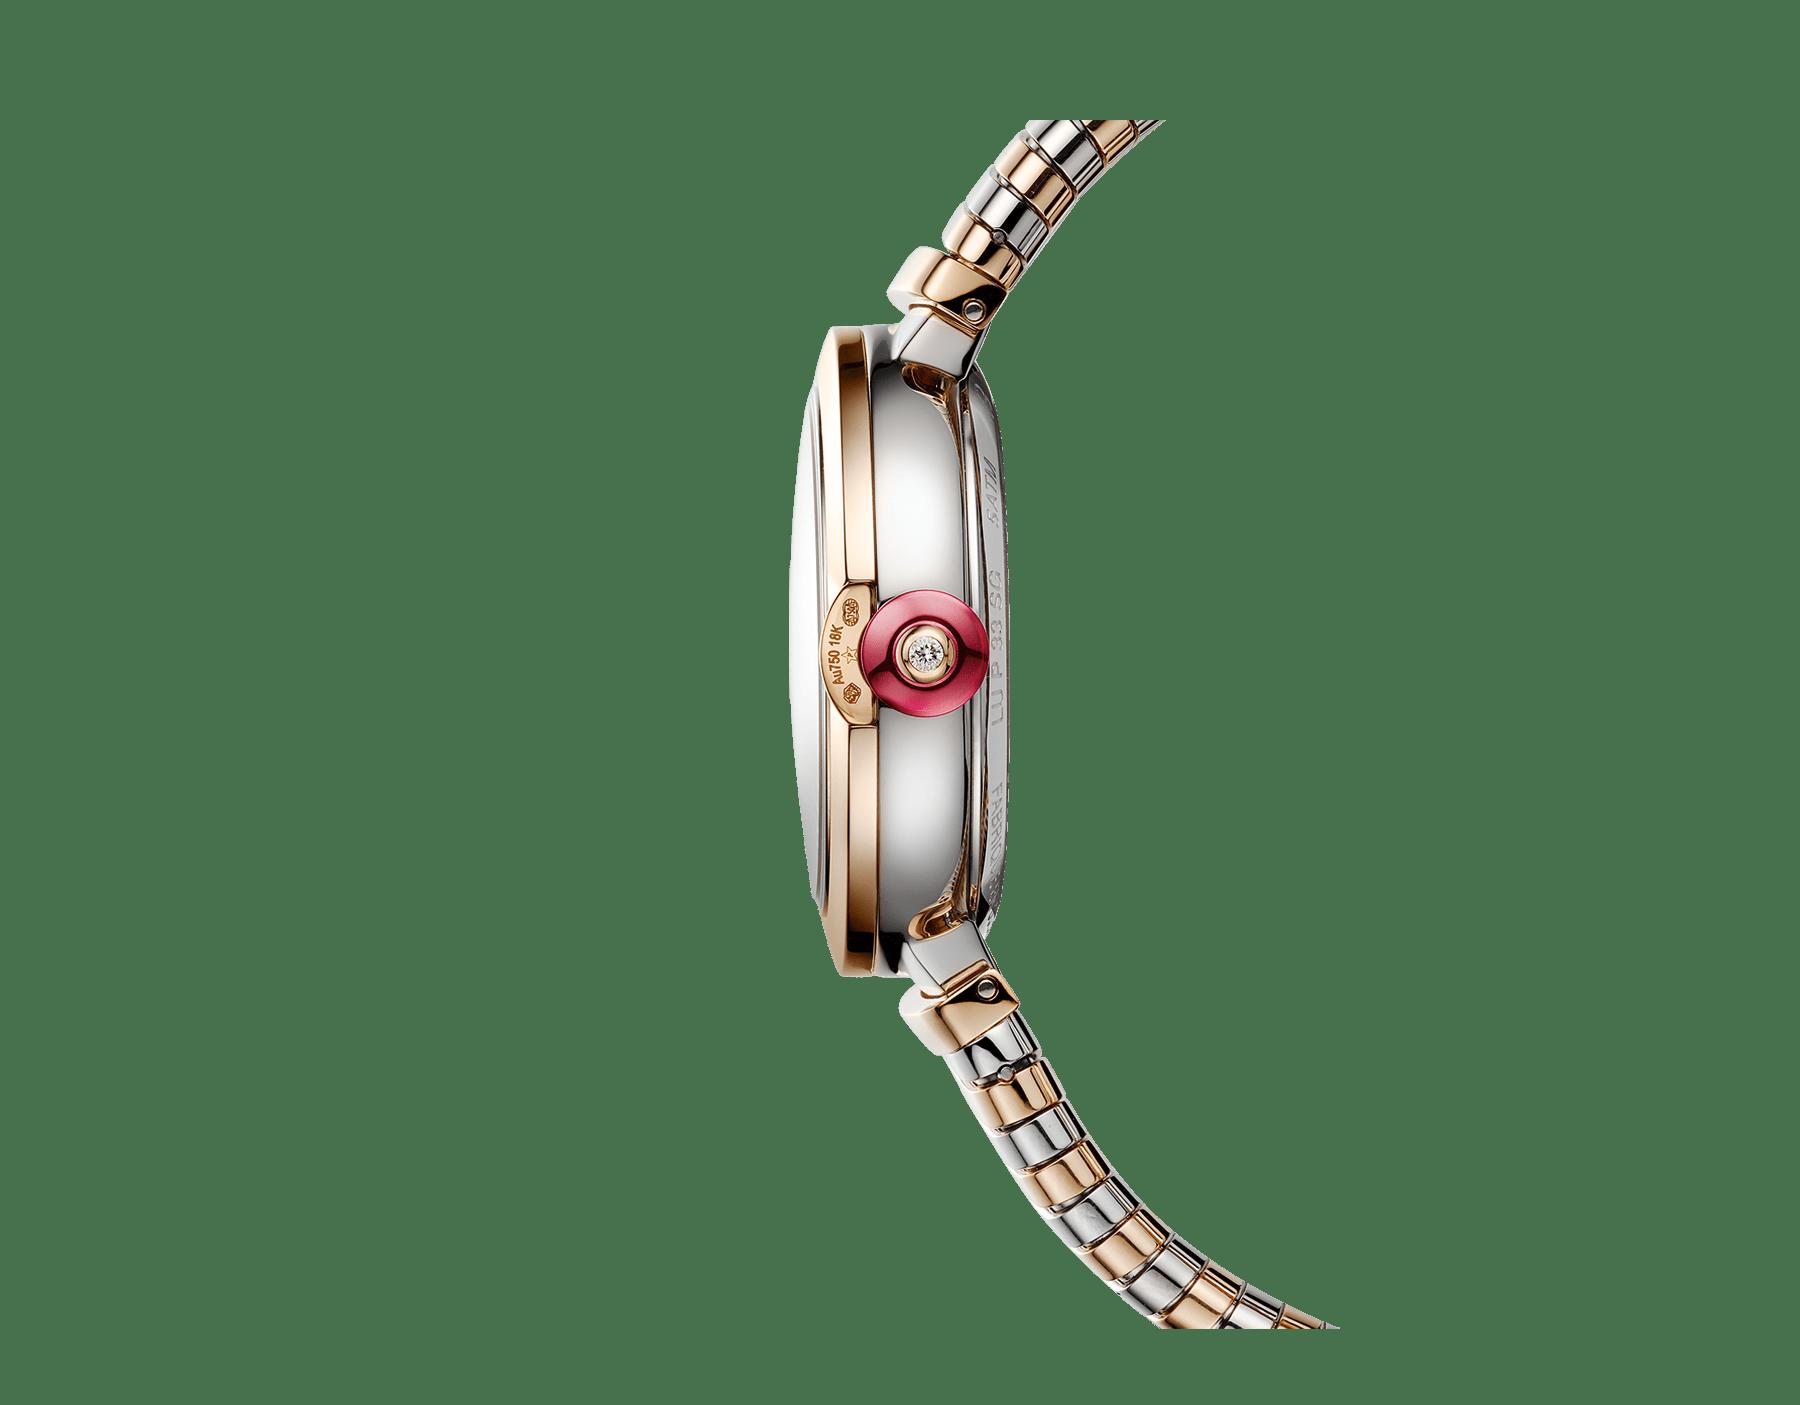 LVCEA Tubogas Uhr mit Gehäuse und Tubogas-Armband aus 18 Karat Roségold und Edelstahl, weißem Perlmuttzifferblatt und Diamantindizes 102954 image 2